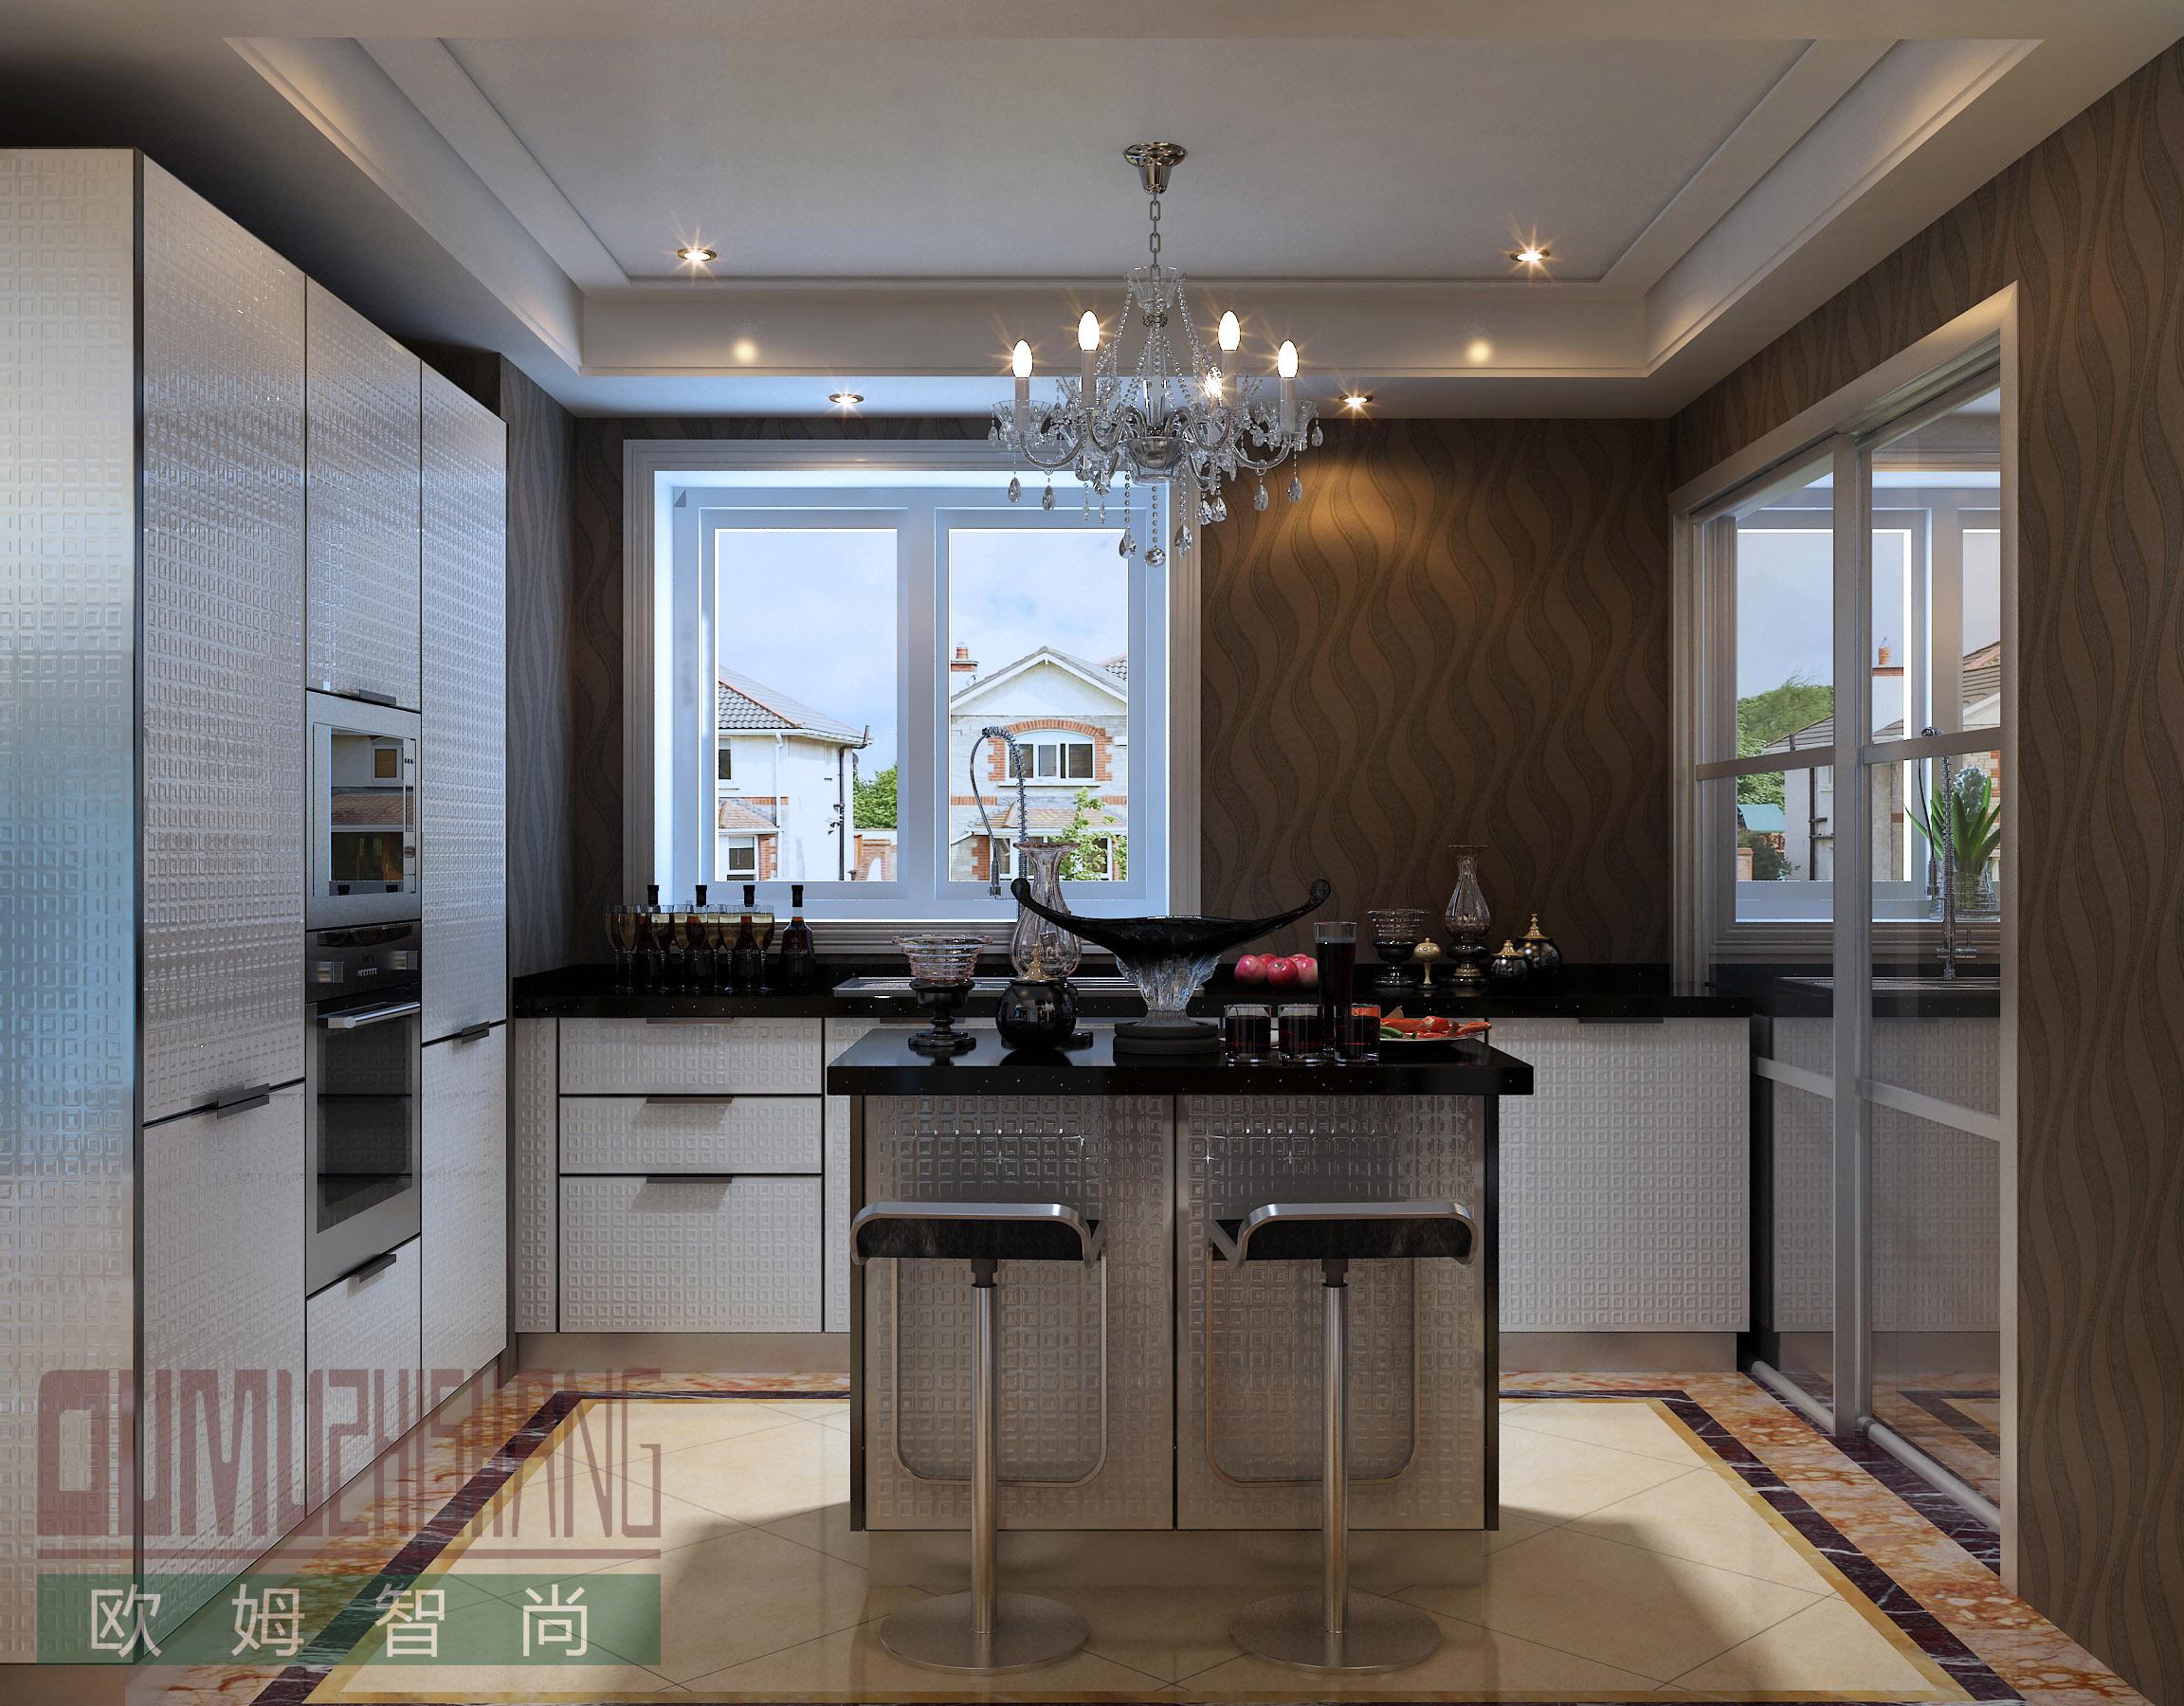 山东爆款现代简约黑白搭配玻璃门板整体橱柜出售-安徽欧式整体橱柜